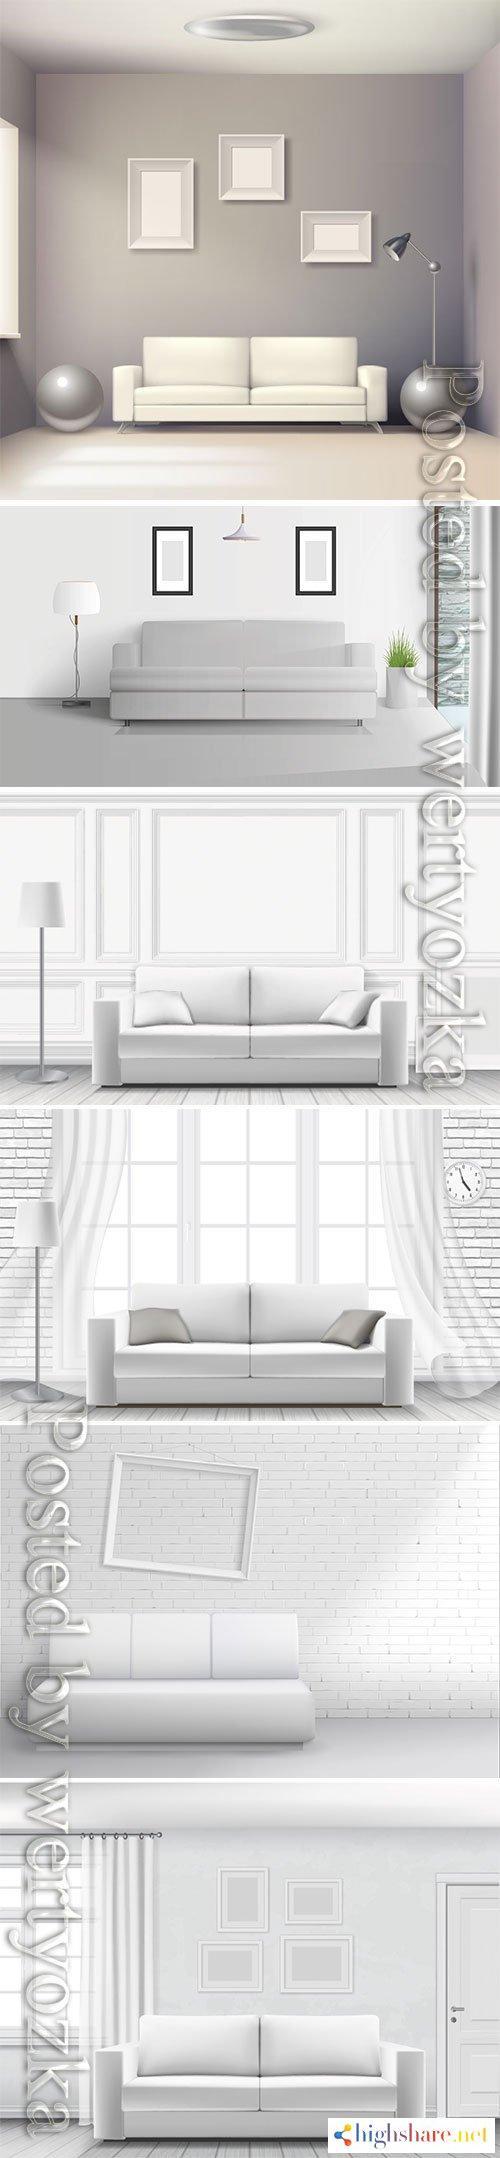 realistic home interior vector template 4 5f3feb04200f4 - Realistic home interior vector template # 4